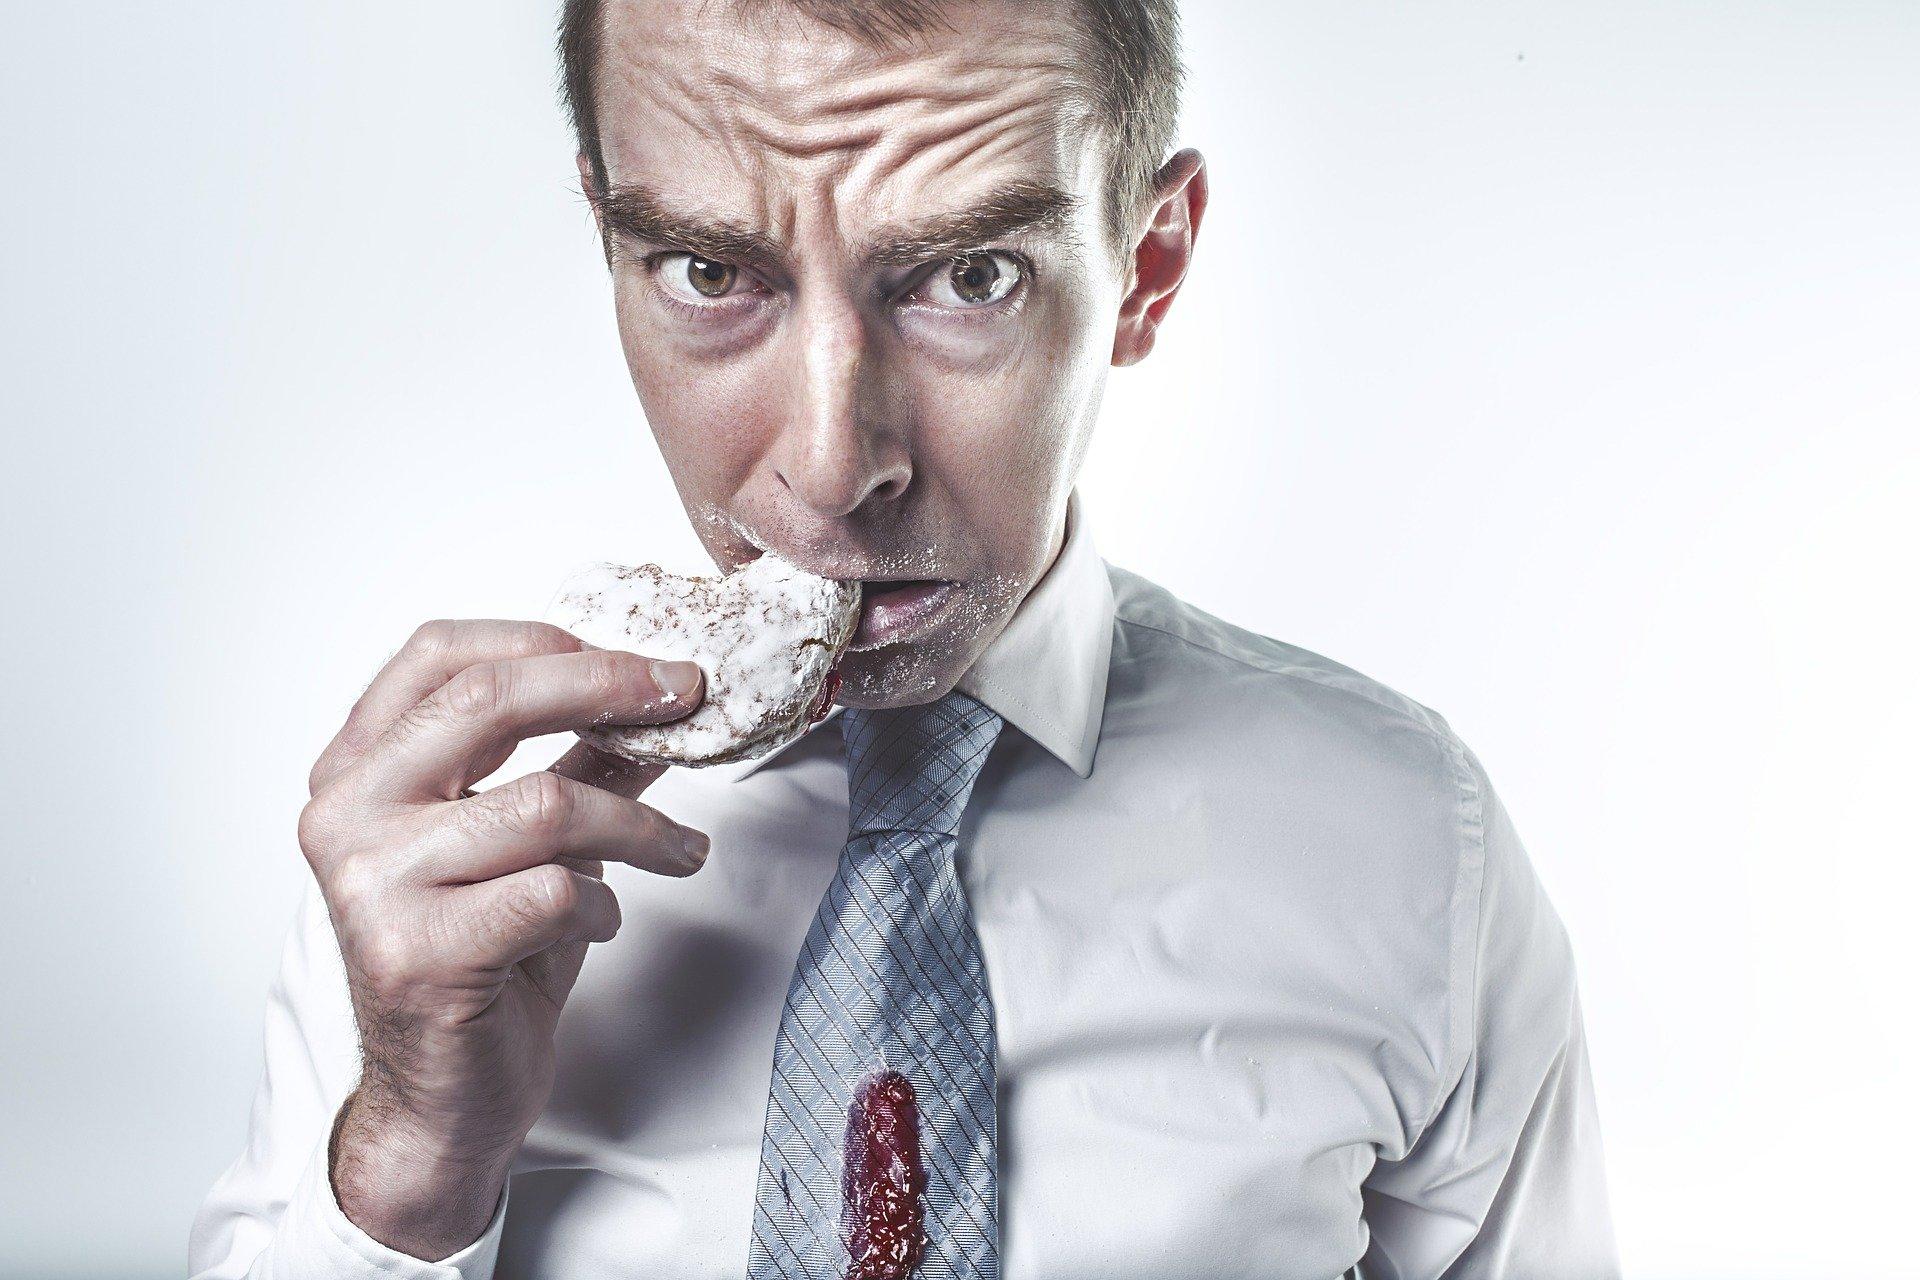 Nepodceňujte poruchy příjmu potravy!